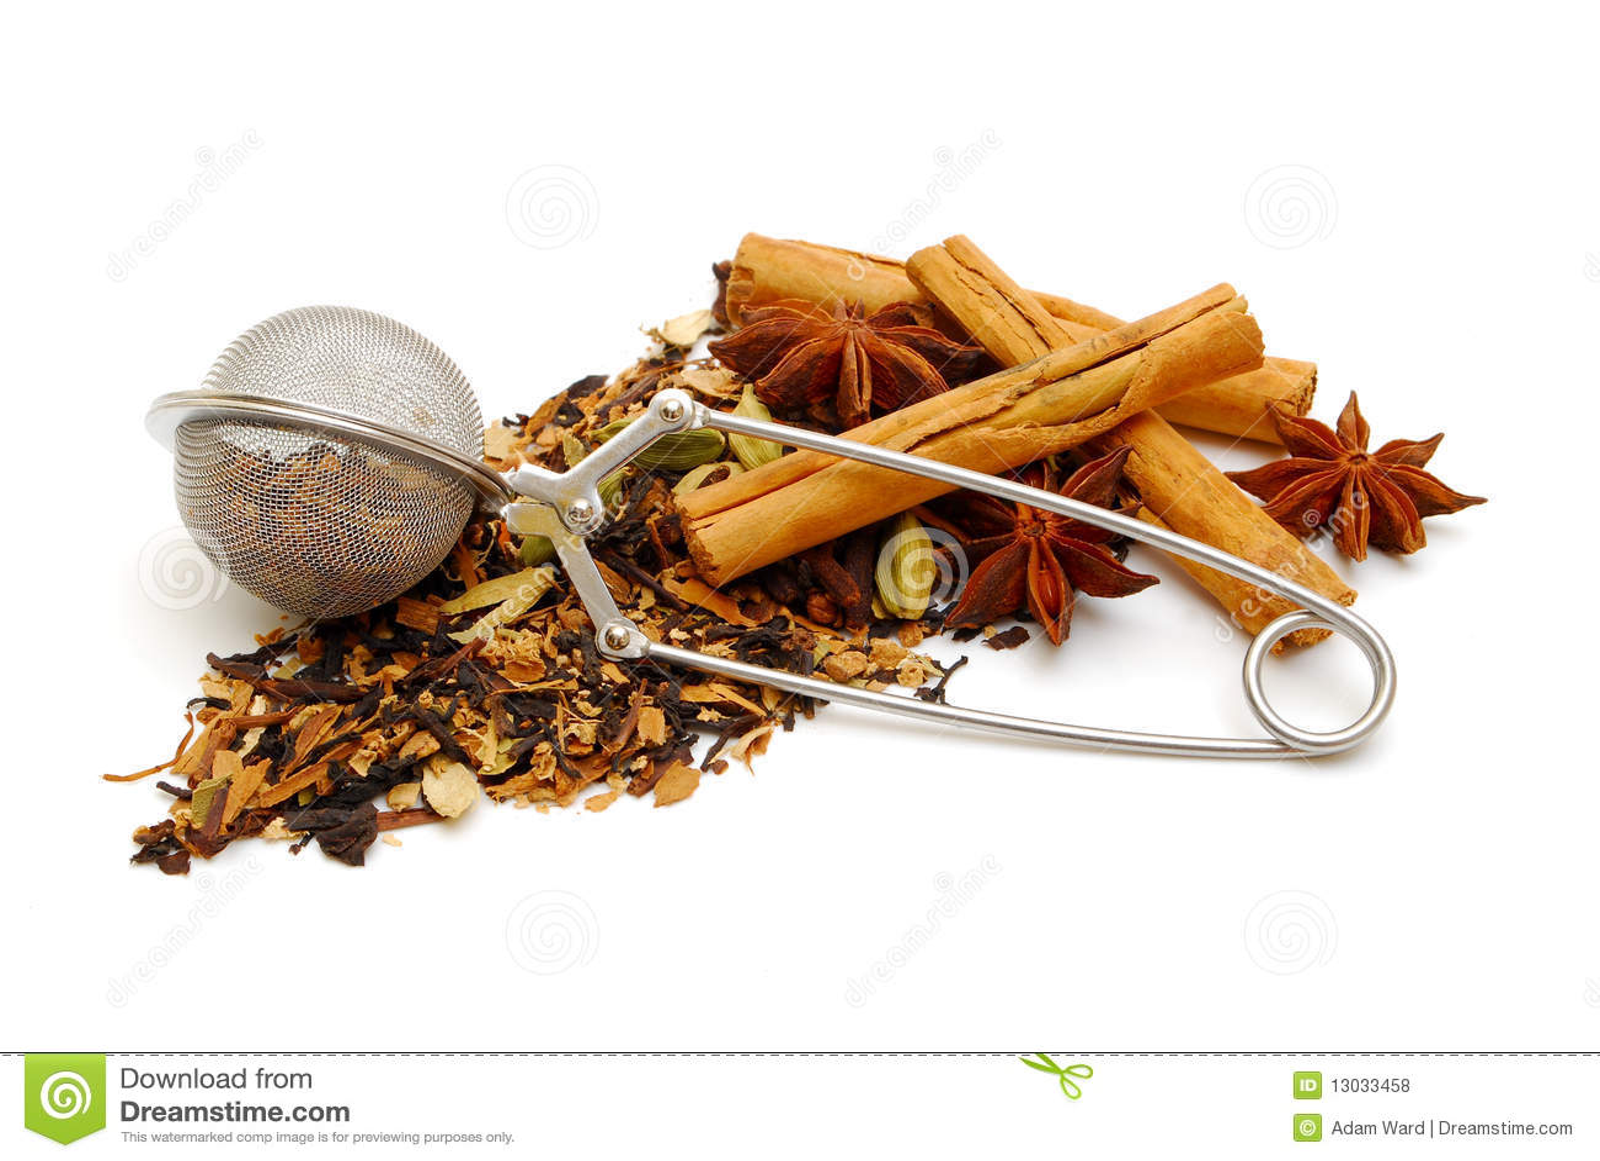 Thé noir épicé indien